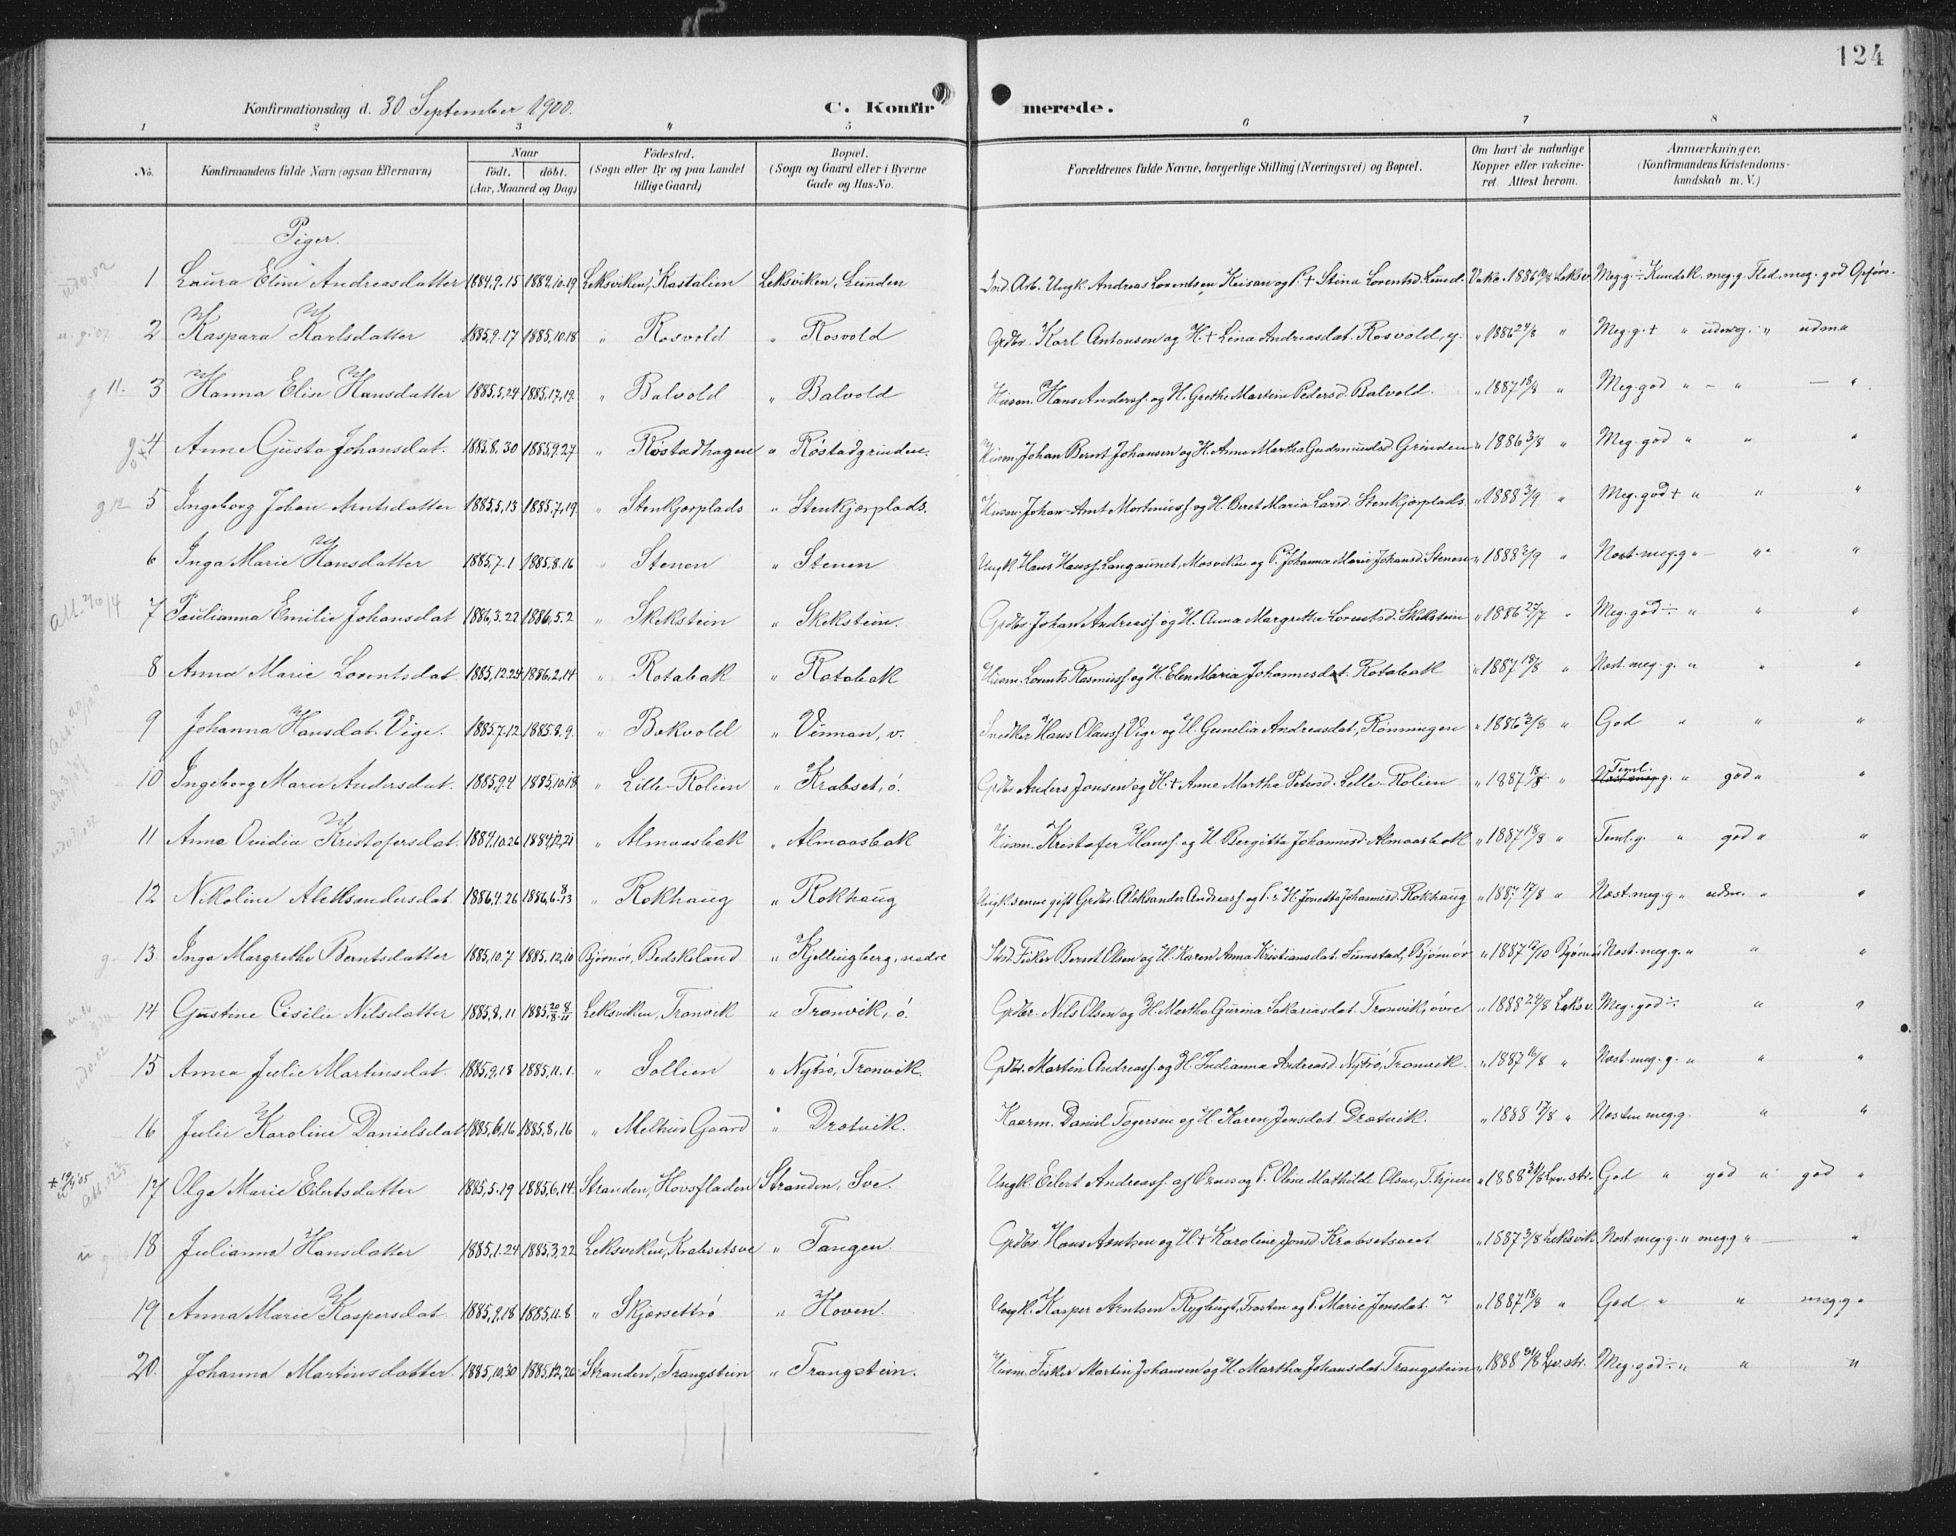 SAT, Ministerialprotokoller, klokkerbøker og fødselsregistre - Nord-Trøndelag, 701/L0011: Ministerialbok nr. 701A11, 1899-1915, s. 124